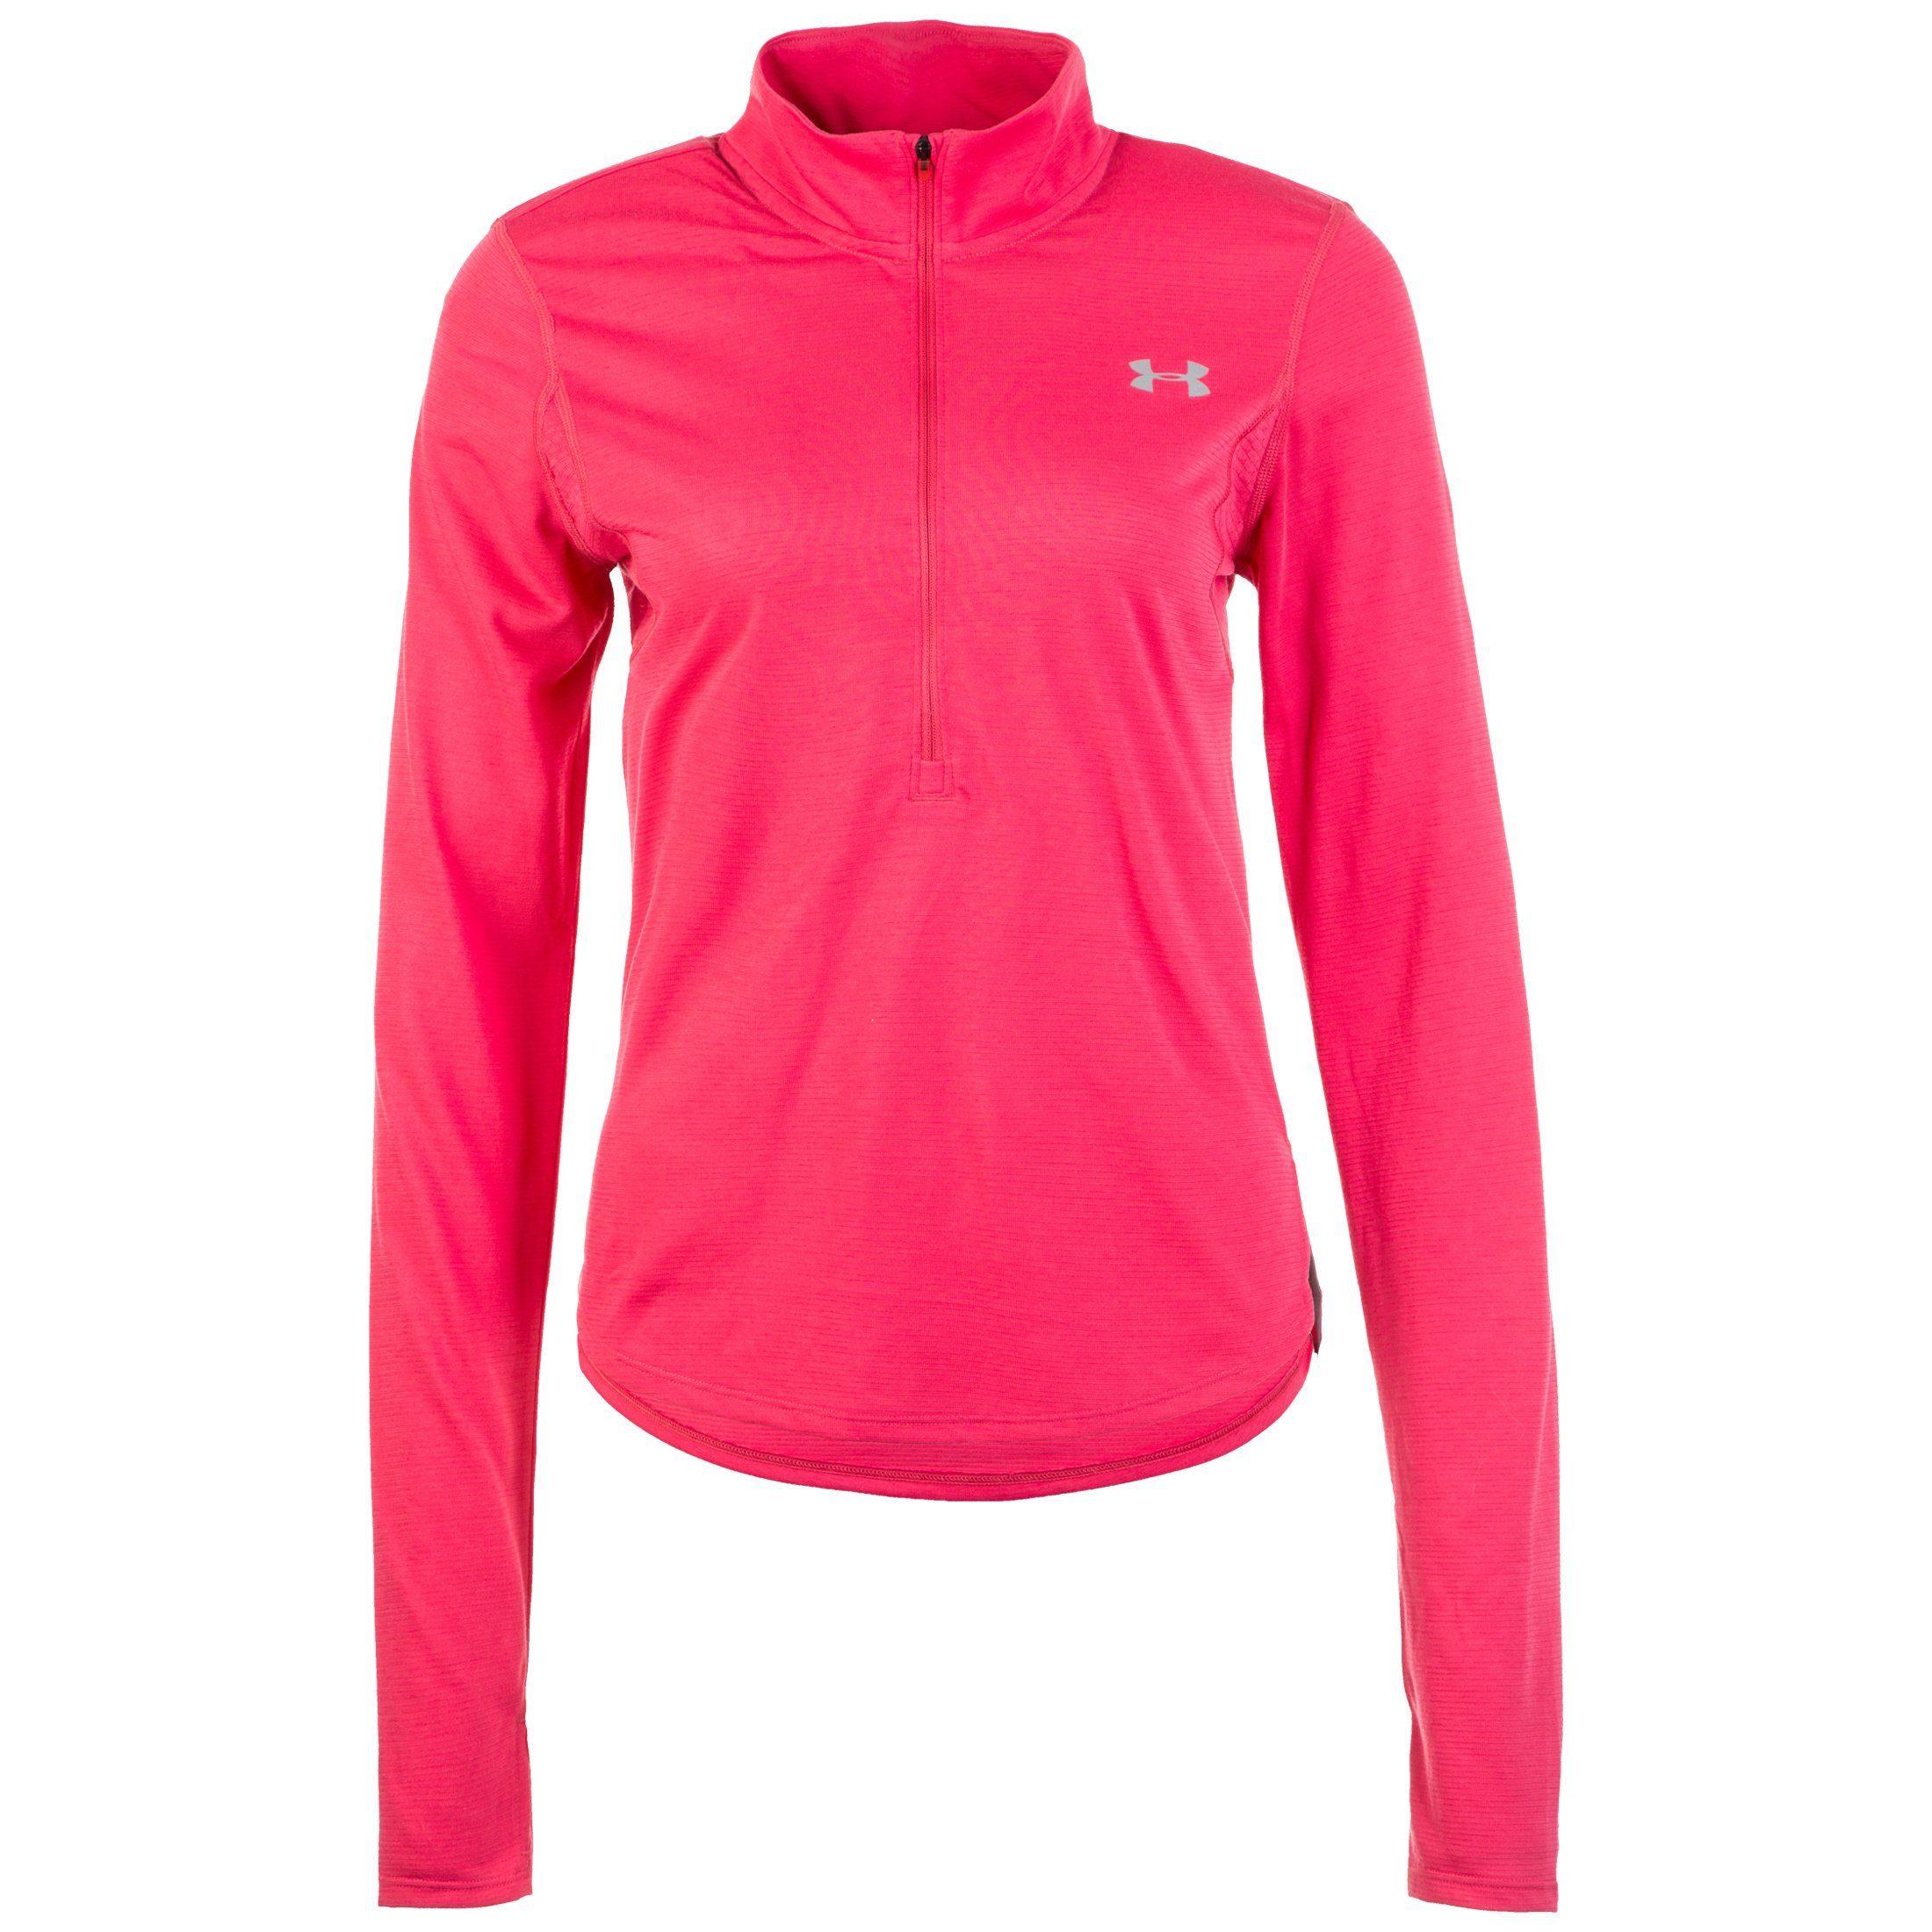 Under Armour Laufshirt Streaker 20 Half Zip | Sportbekleidung > Sportshirts > Laufshirts | Rosa | Under Armour